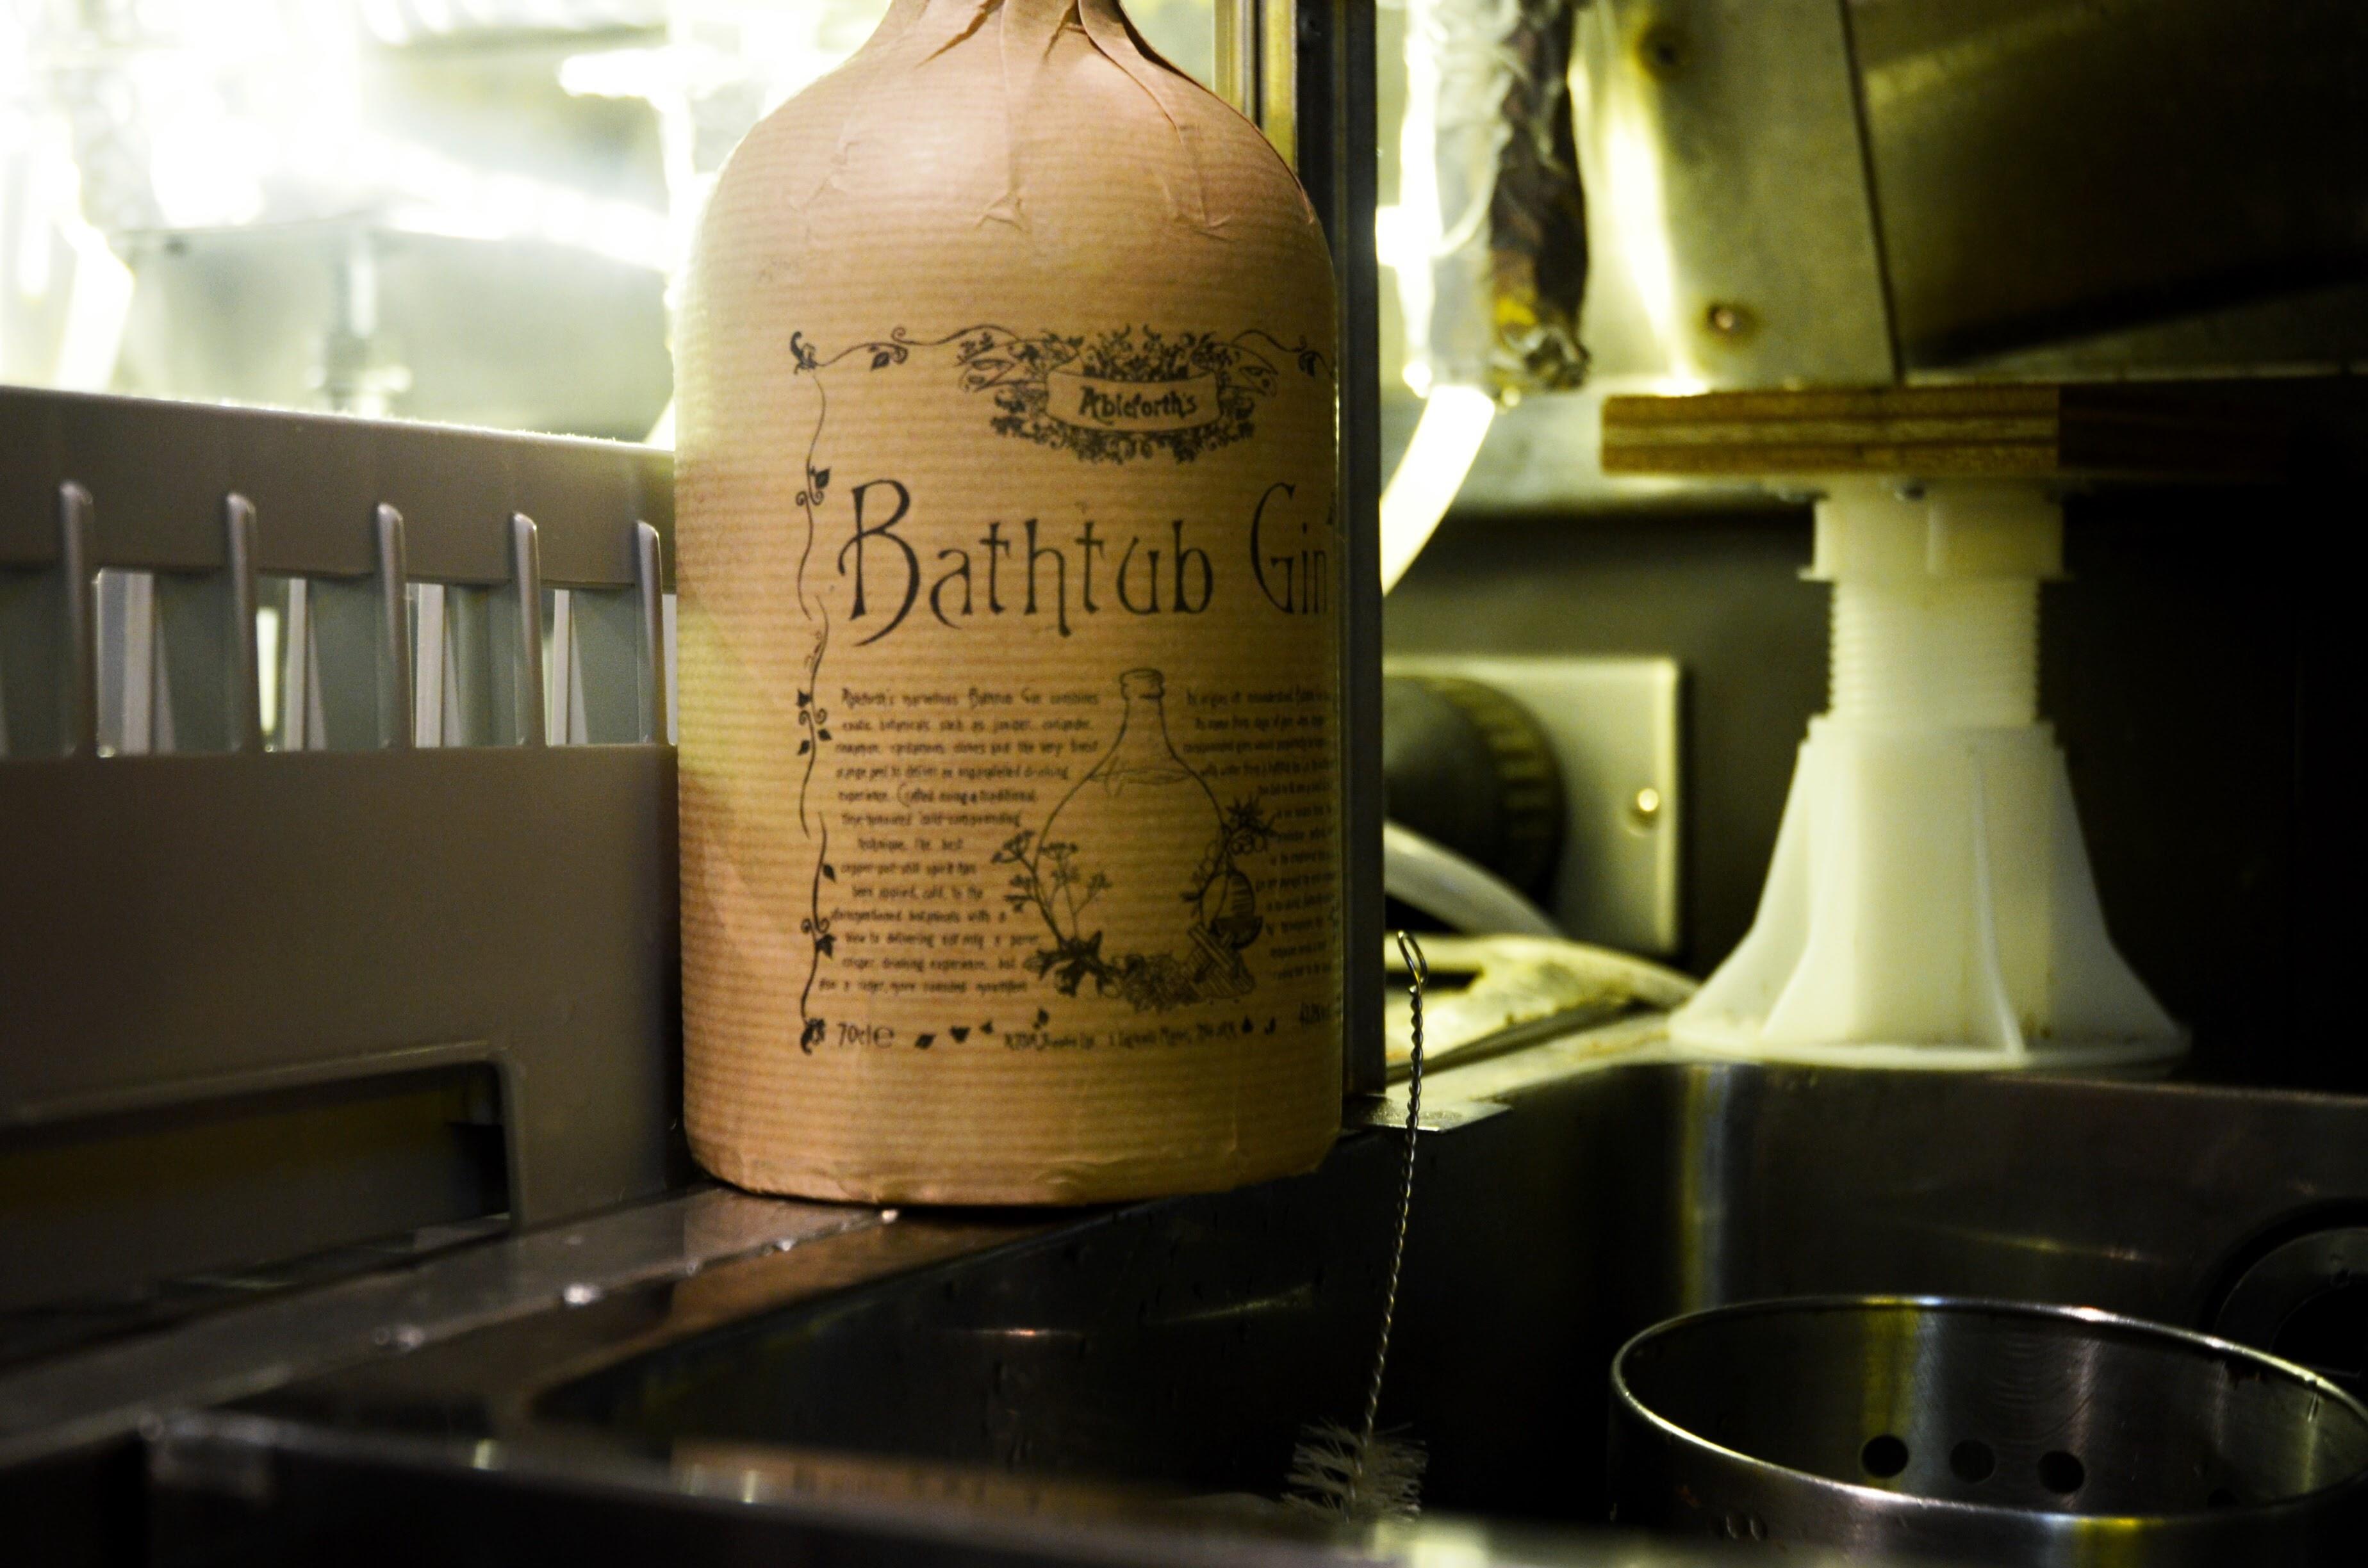 BATHTUB GIN / バスタブ ジン